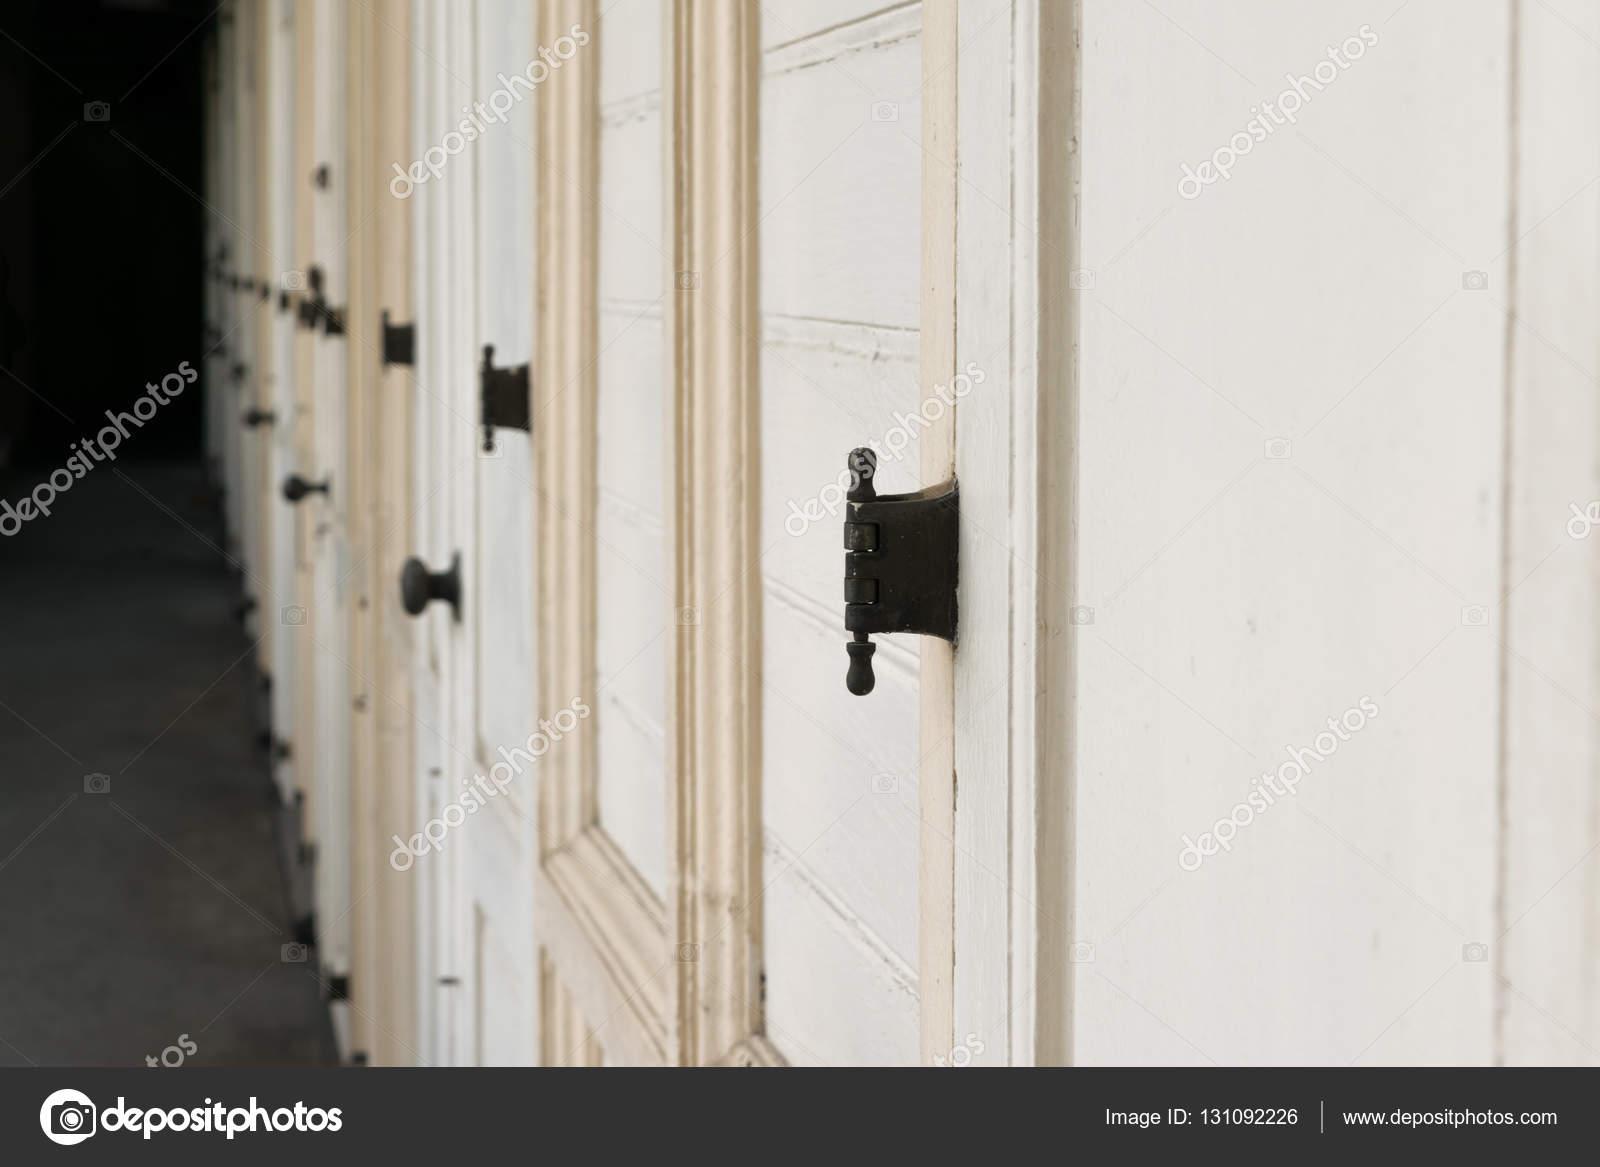 Antigua puerta de madera vintage fotos de stock - Puerta antigua de madera ...